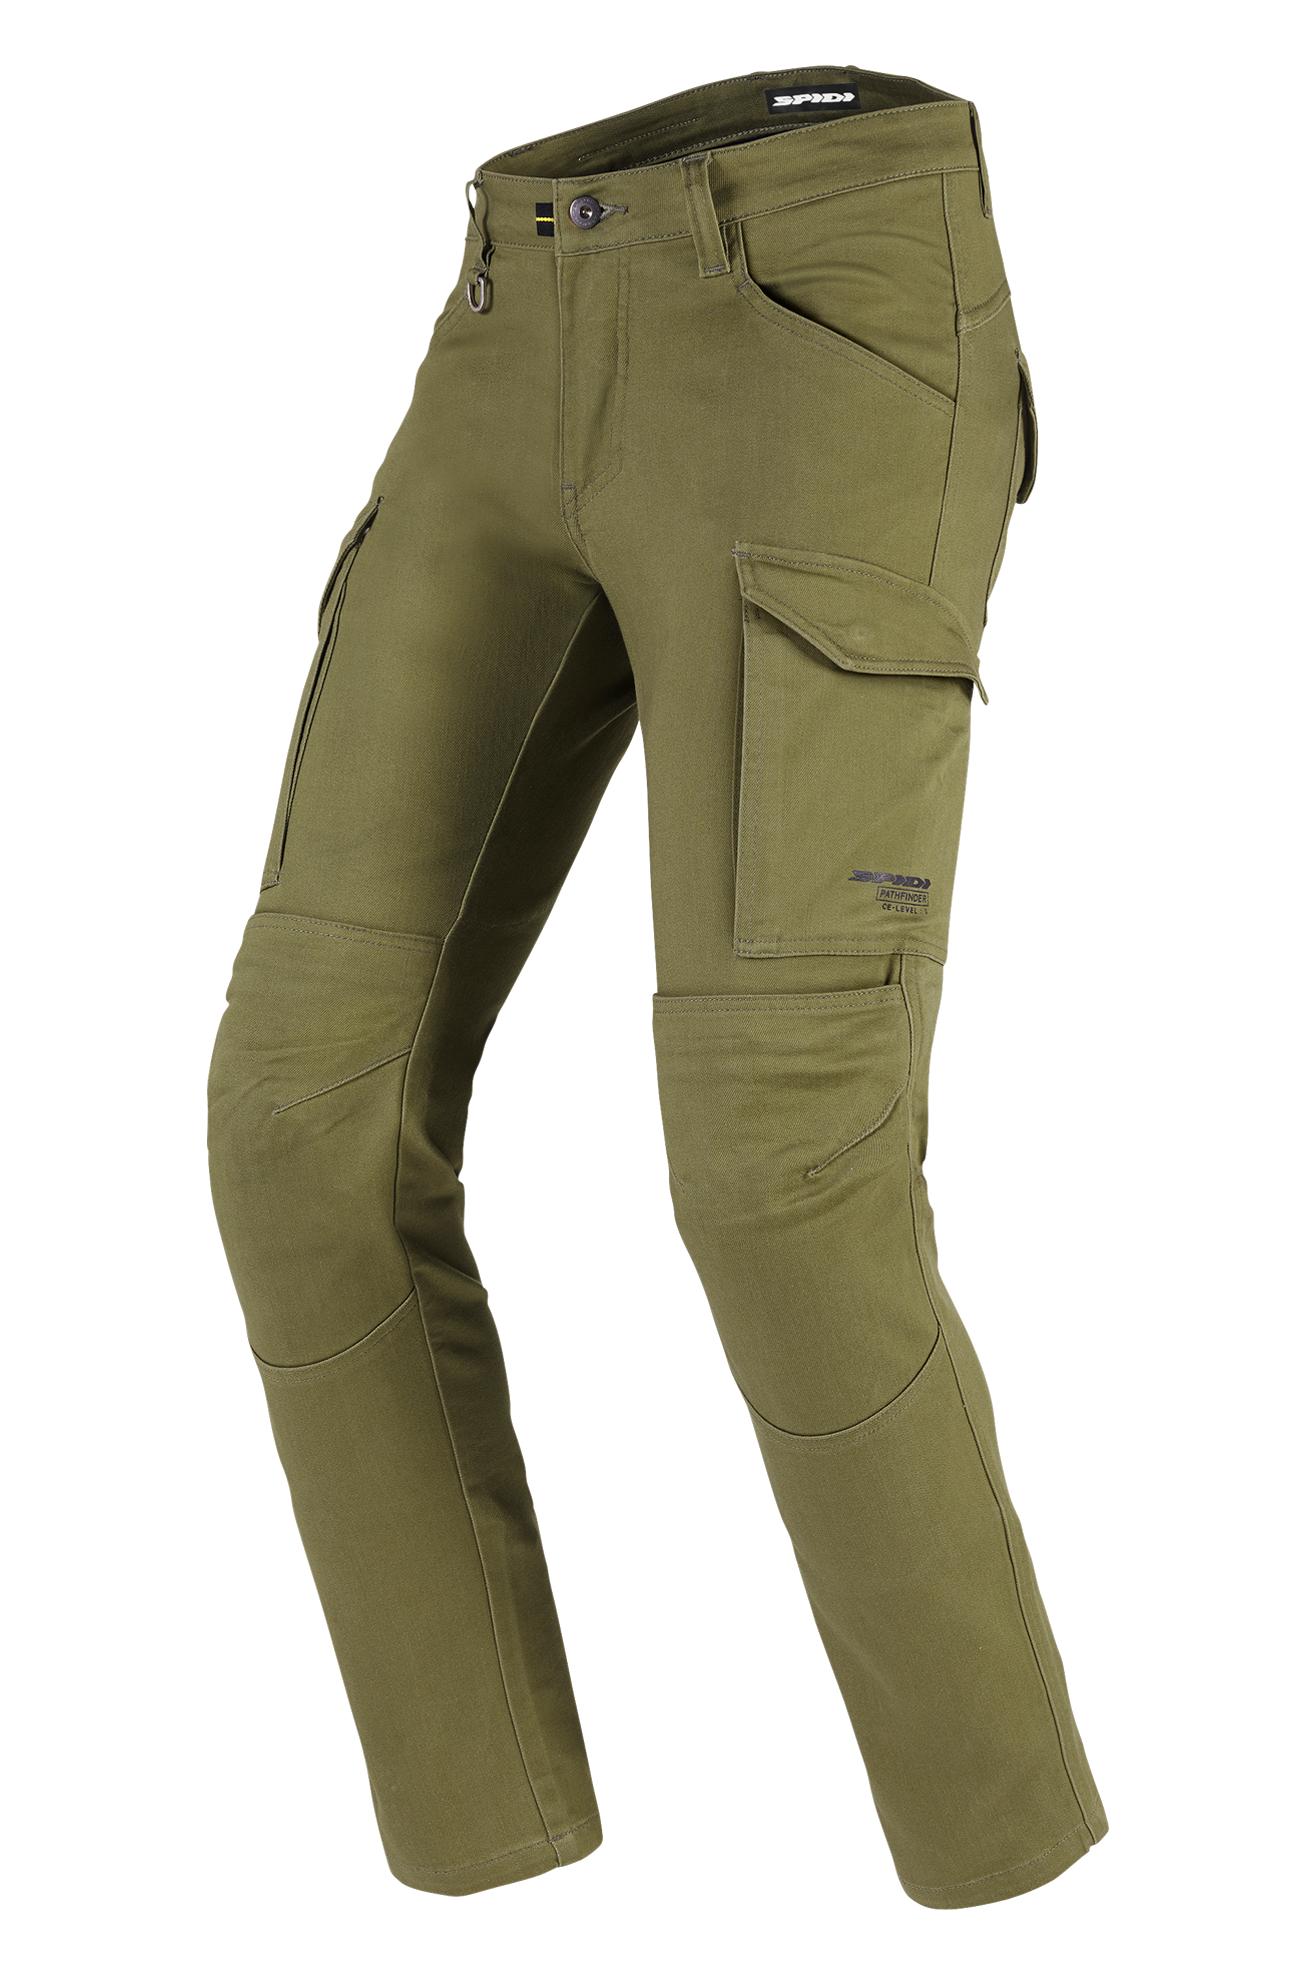 Spidi Jeans Moto  Pathfinder Cargo Militare